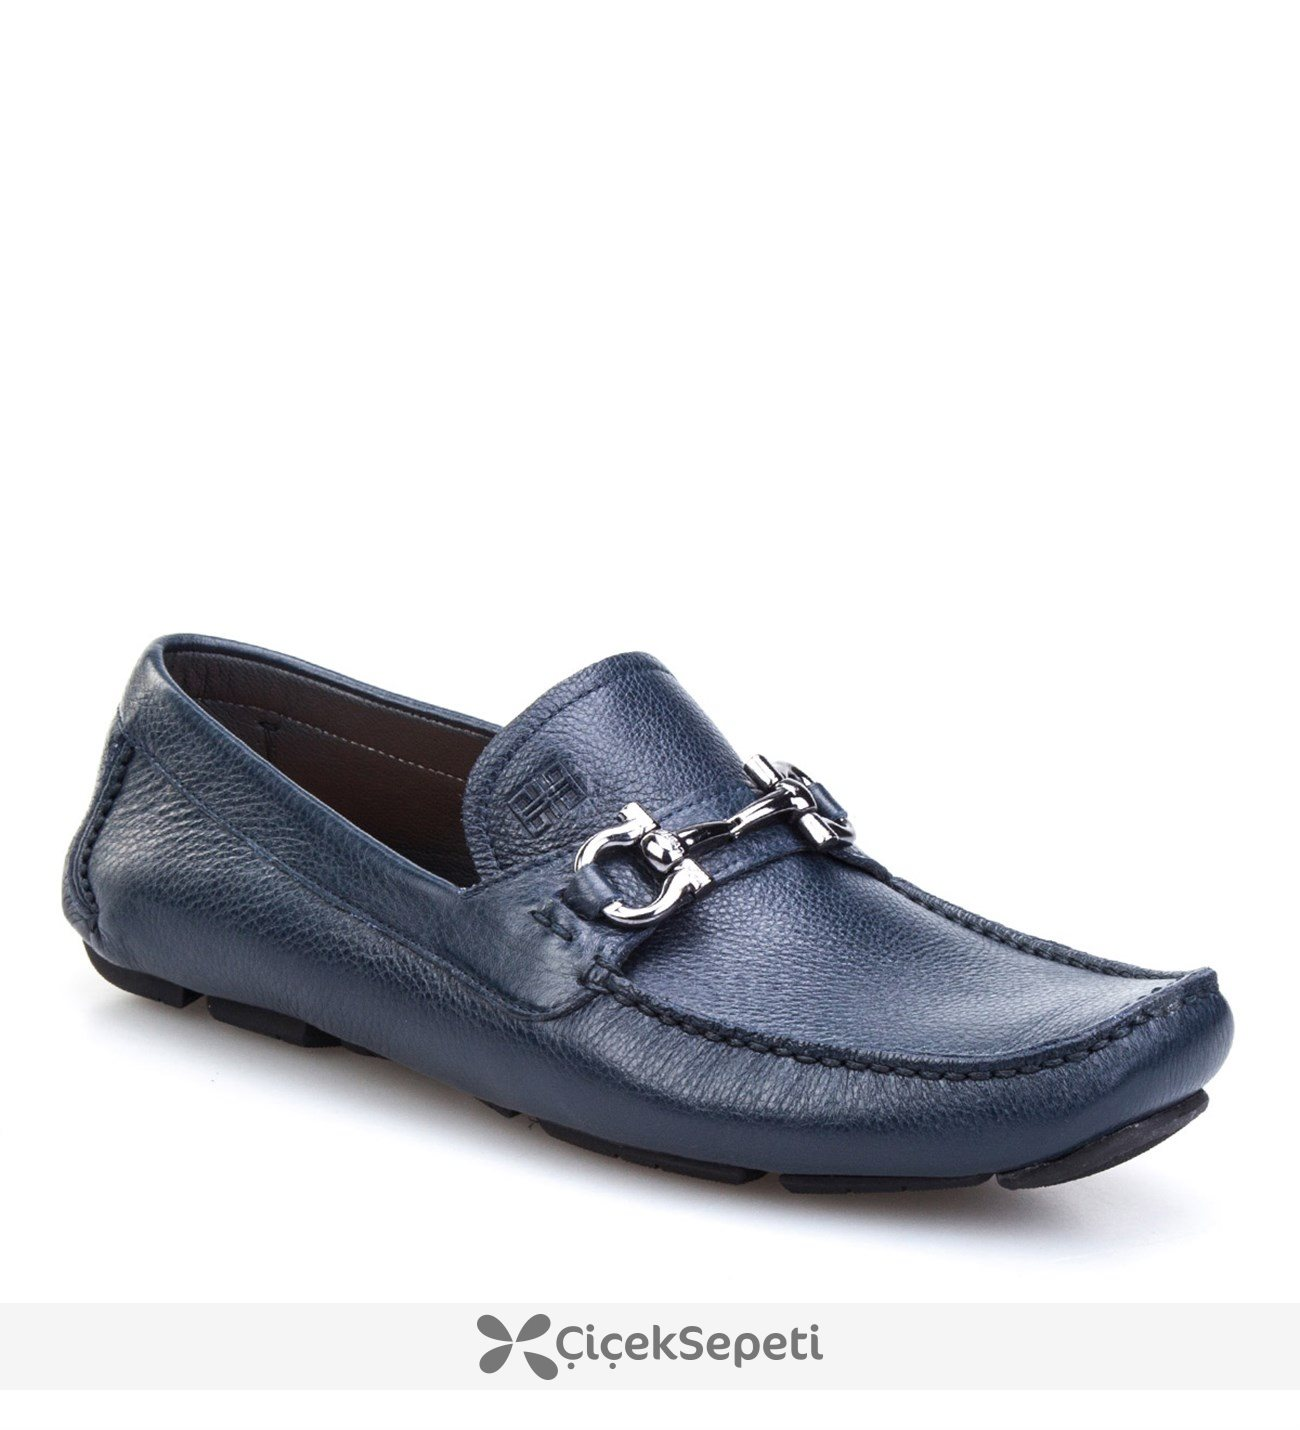 Cabani Tokalı Makosen Günlük Erkek Ayakkabı Kahve Floter Deri